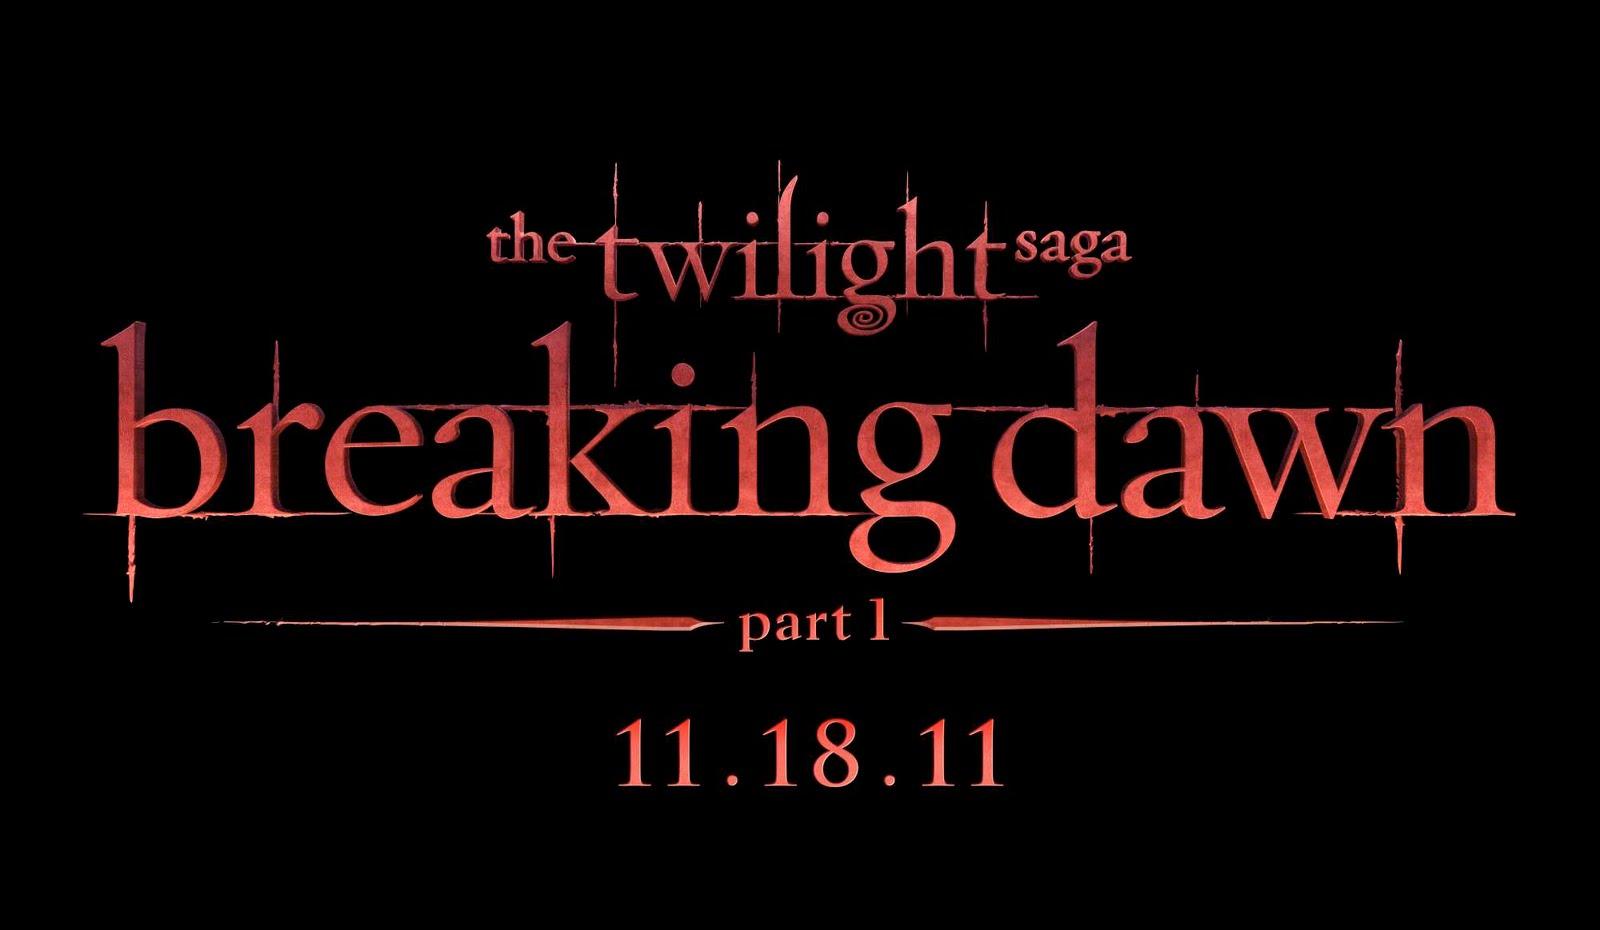 http://2.bp.blogspot.com/-VmaPxXsXLSA/Te0t5lGgtlI/AAAAAAAAAYE/HIoMXkUvTLM/s1600/Breaking_Dawn_Logo%255B1%255D.jpg